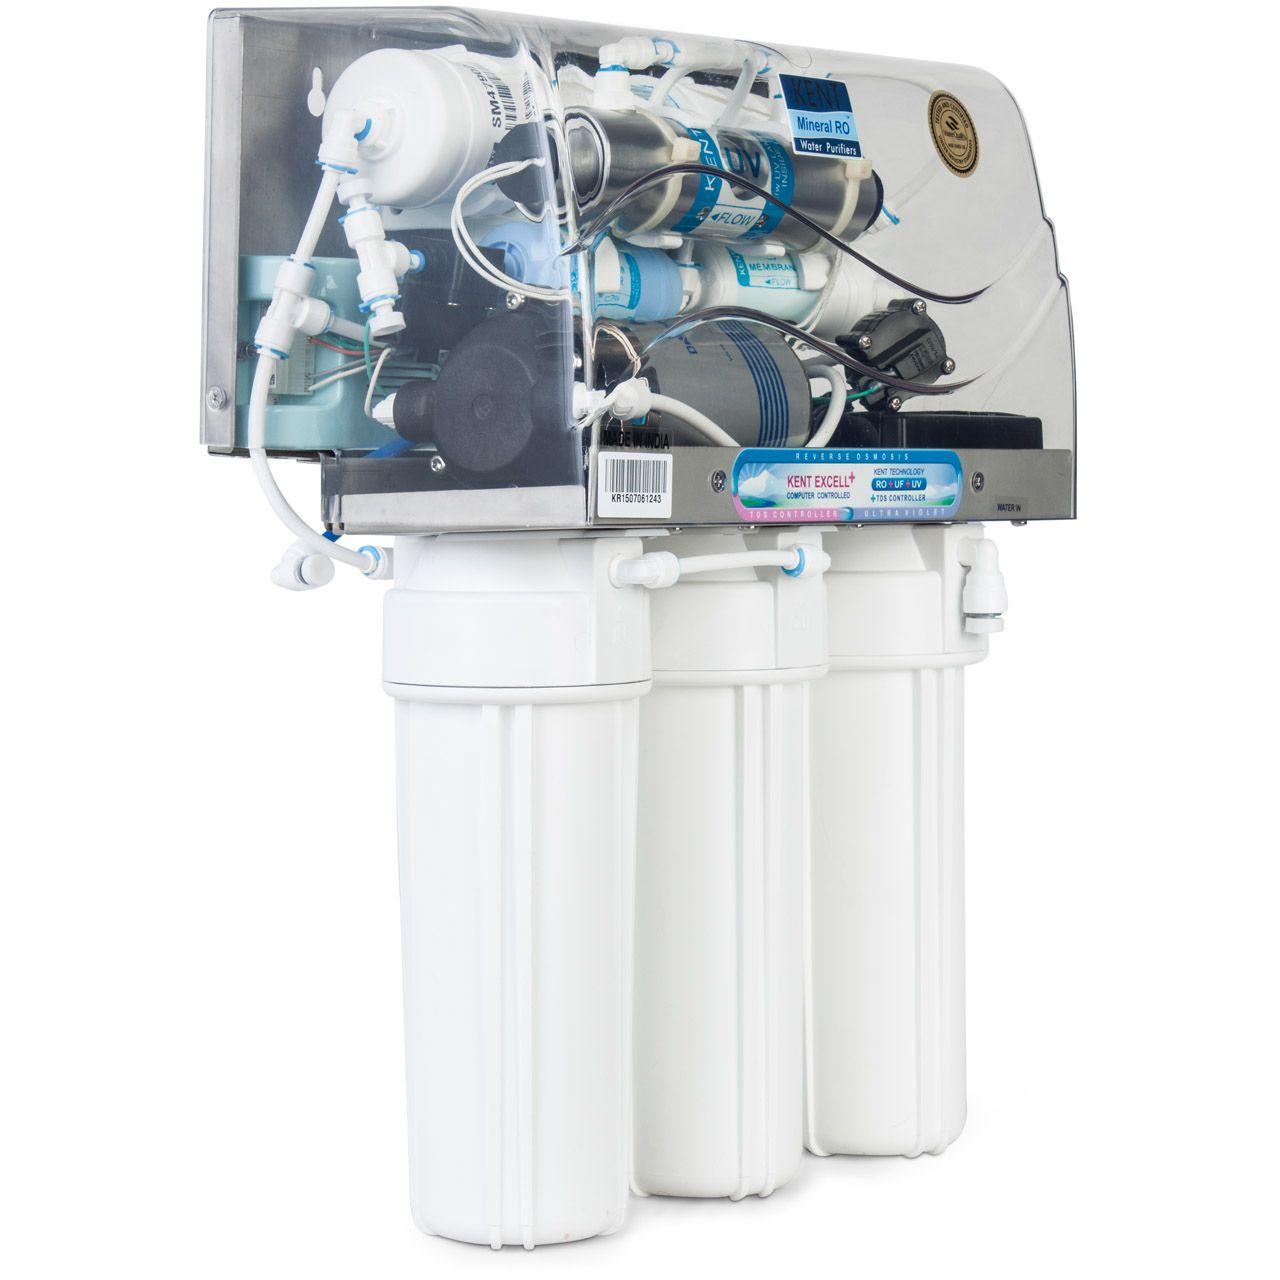 دستگاه تصفیه آب زیر سینکی کنت مدل اکسل پلاس (Kent Excell Plus)